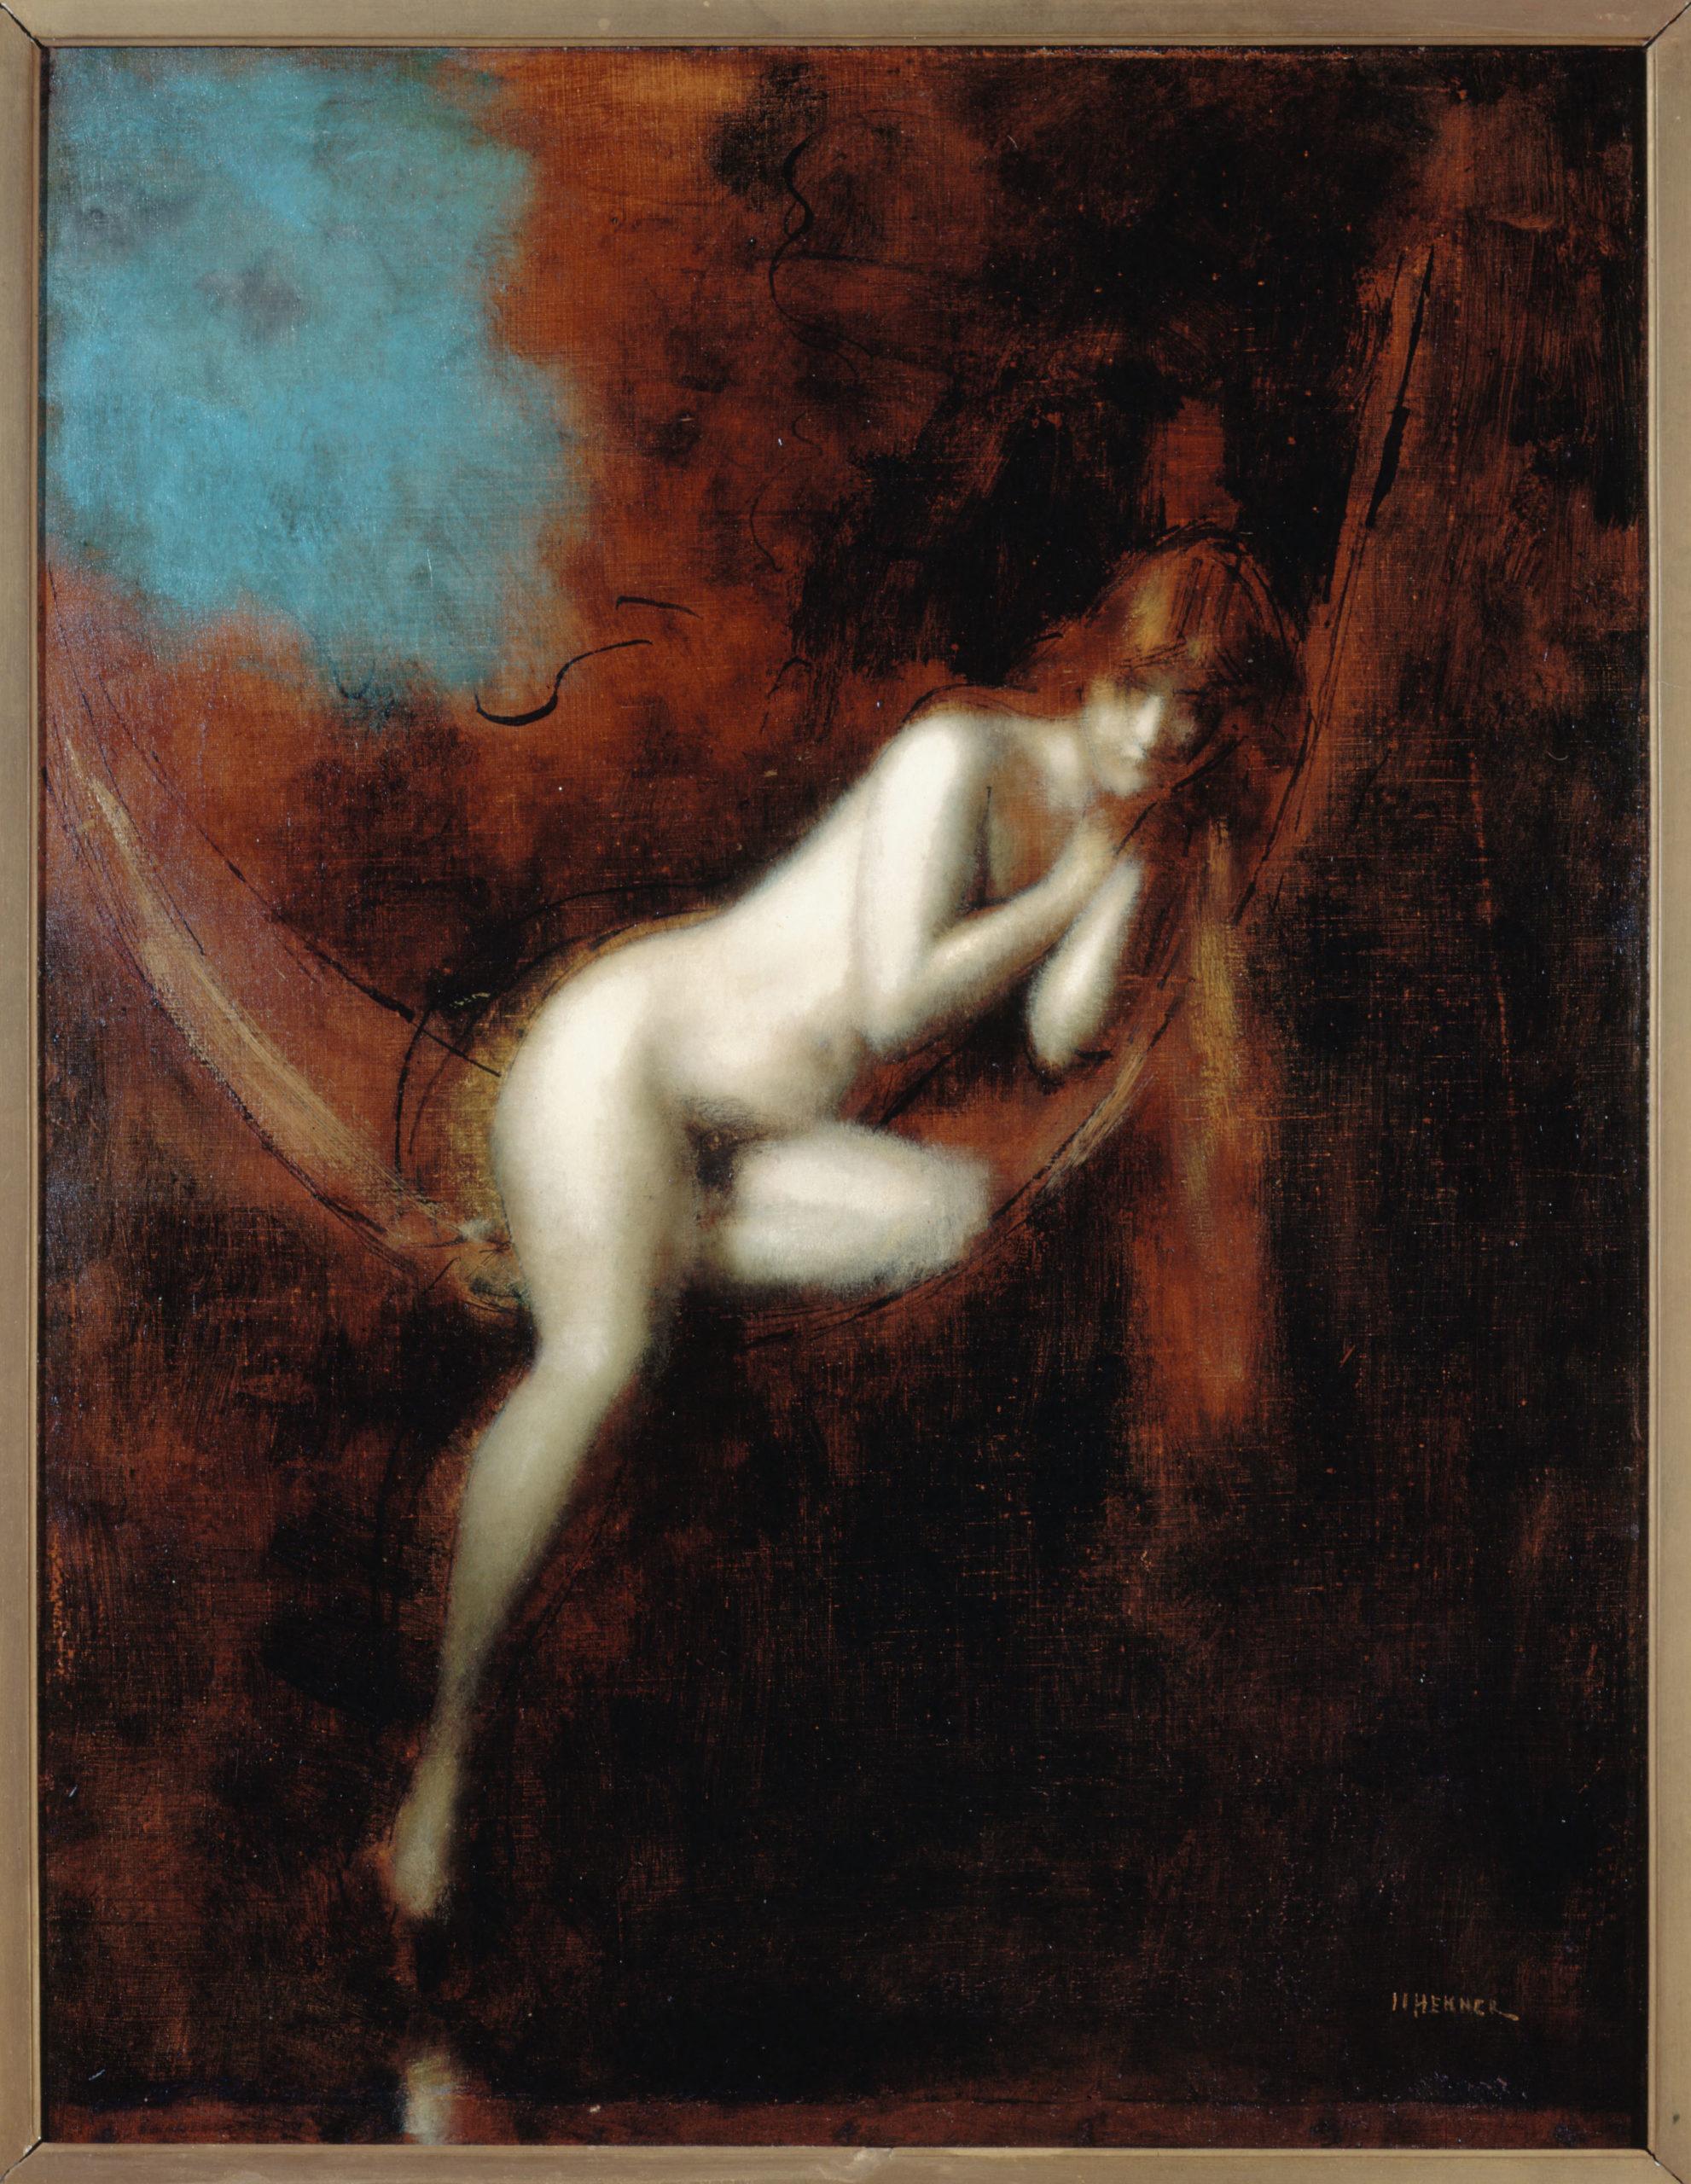 Jean-Jacques Henner, Sara la baigneuse, 1903, huile sur toile, maison de Victor Hugo - Hauteville House. Photo CC0 Paris Musées / maison de Victor Hugo - Hauteville House